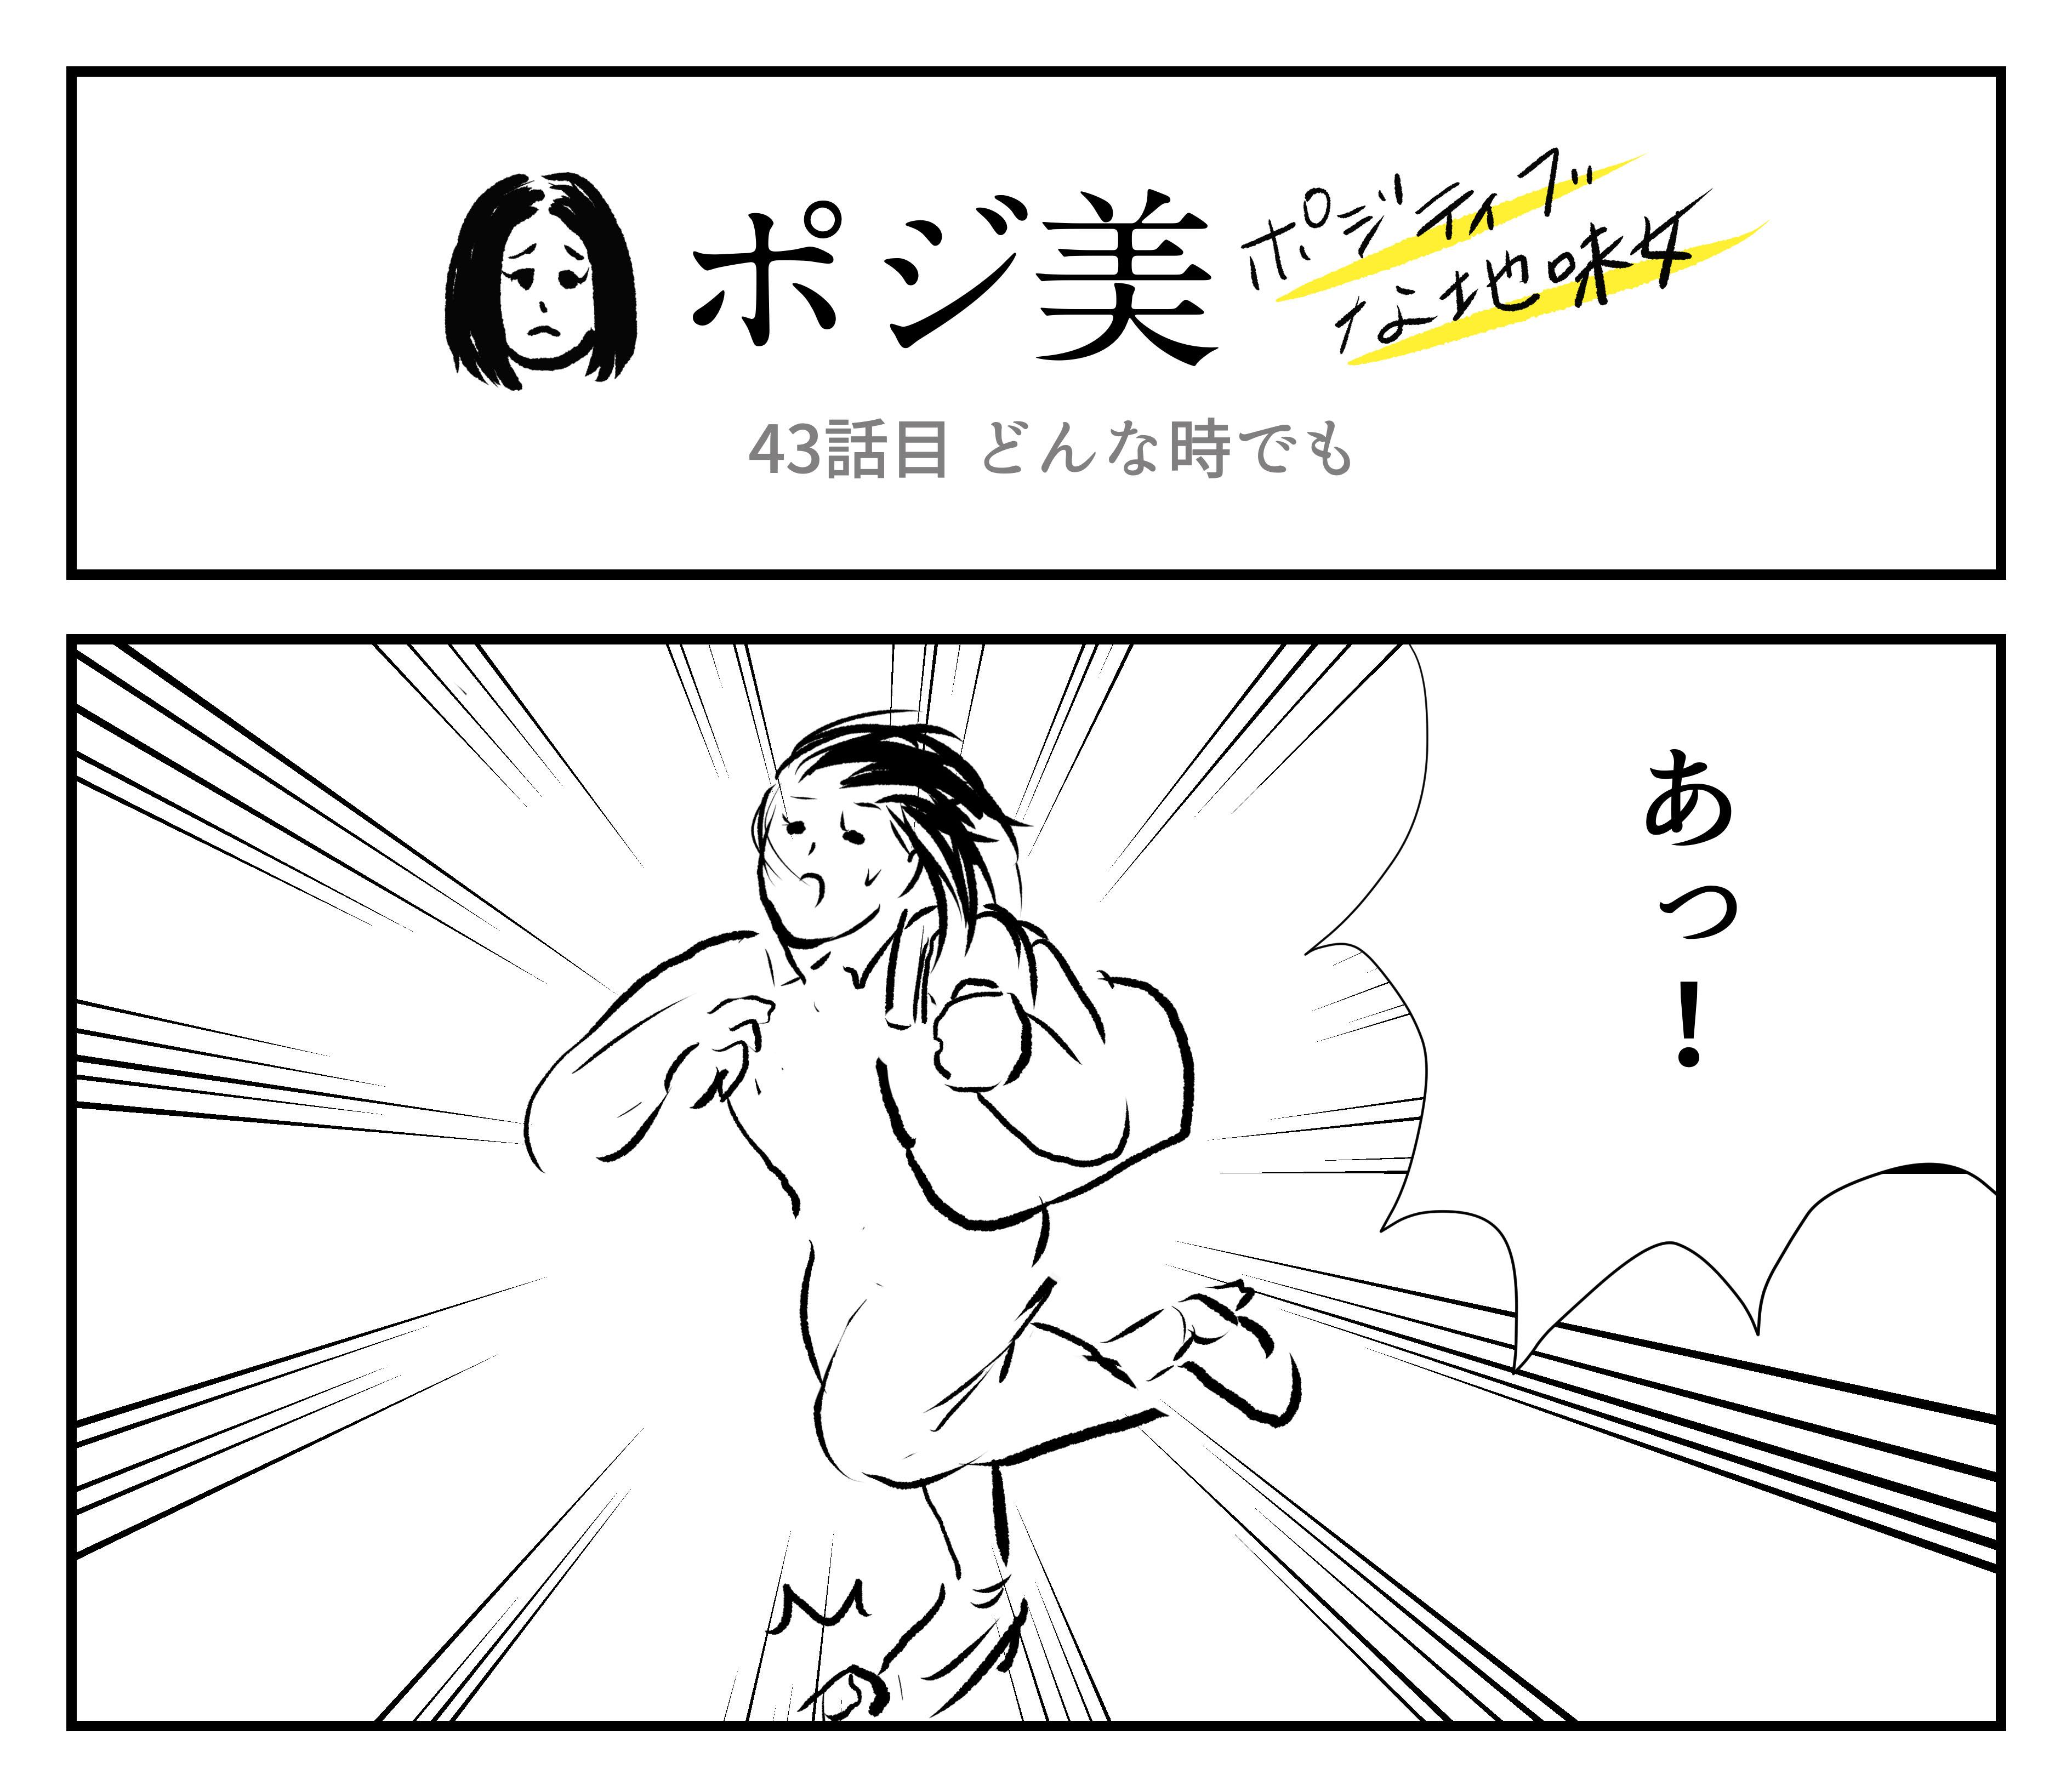 【2コマ】ポジ美 43話目「どんな時でも」